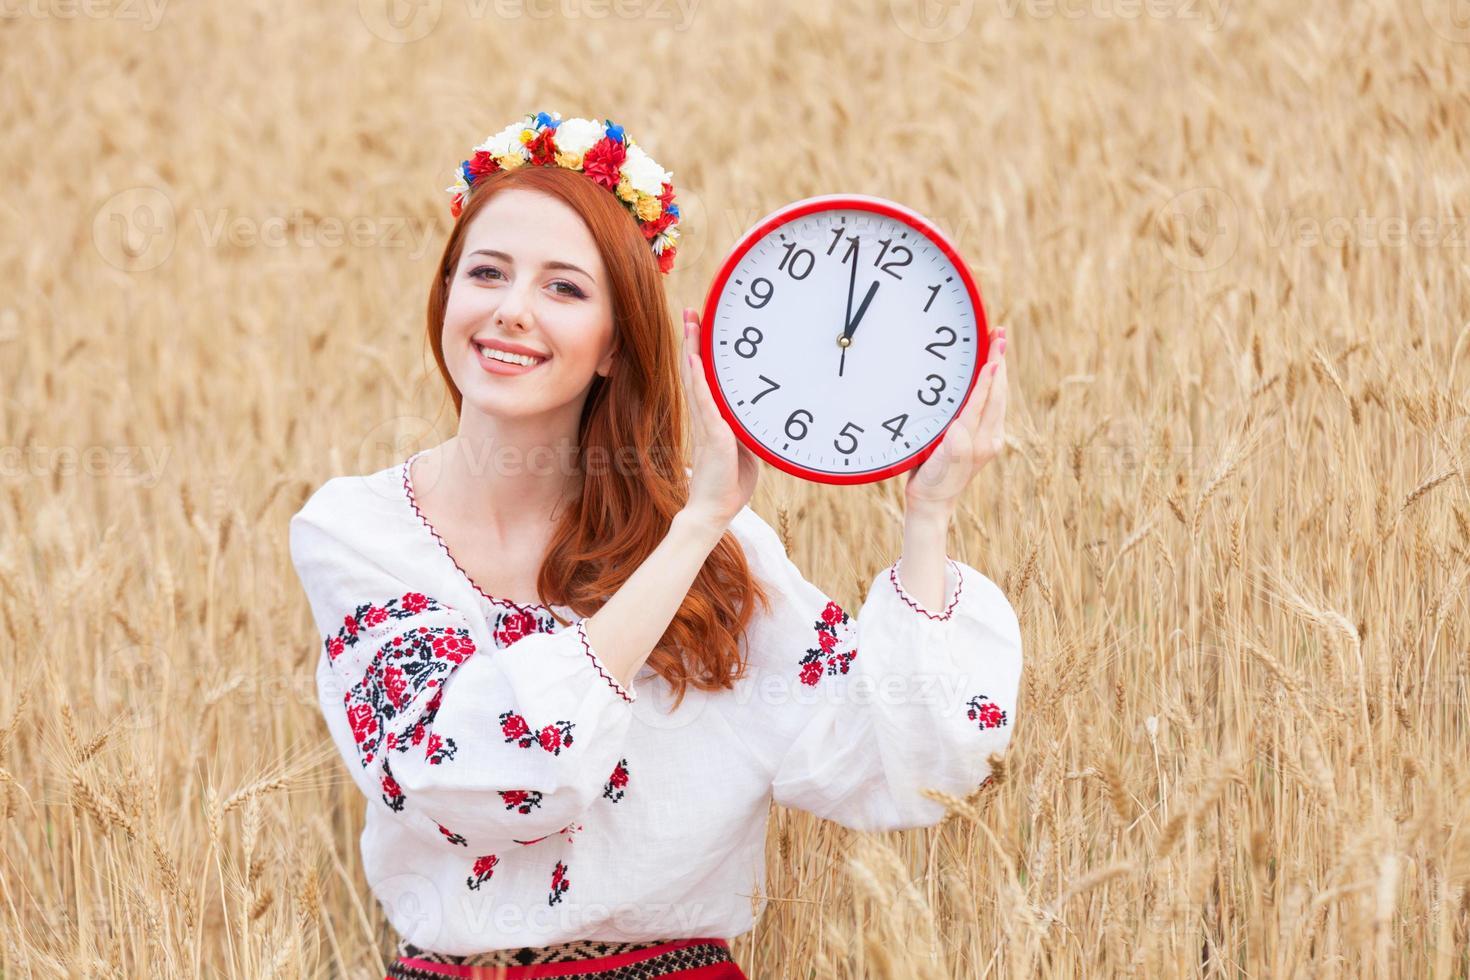 rödhårig tjej i nationella ukrainska kläder foto